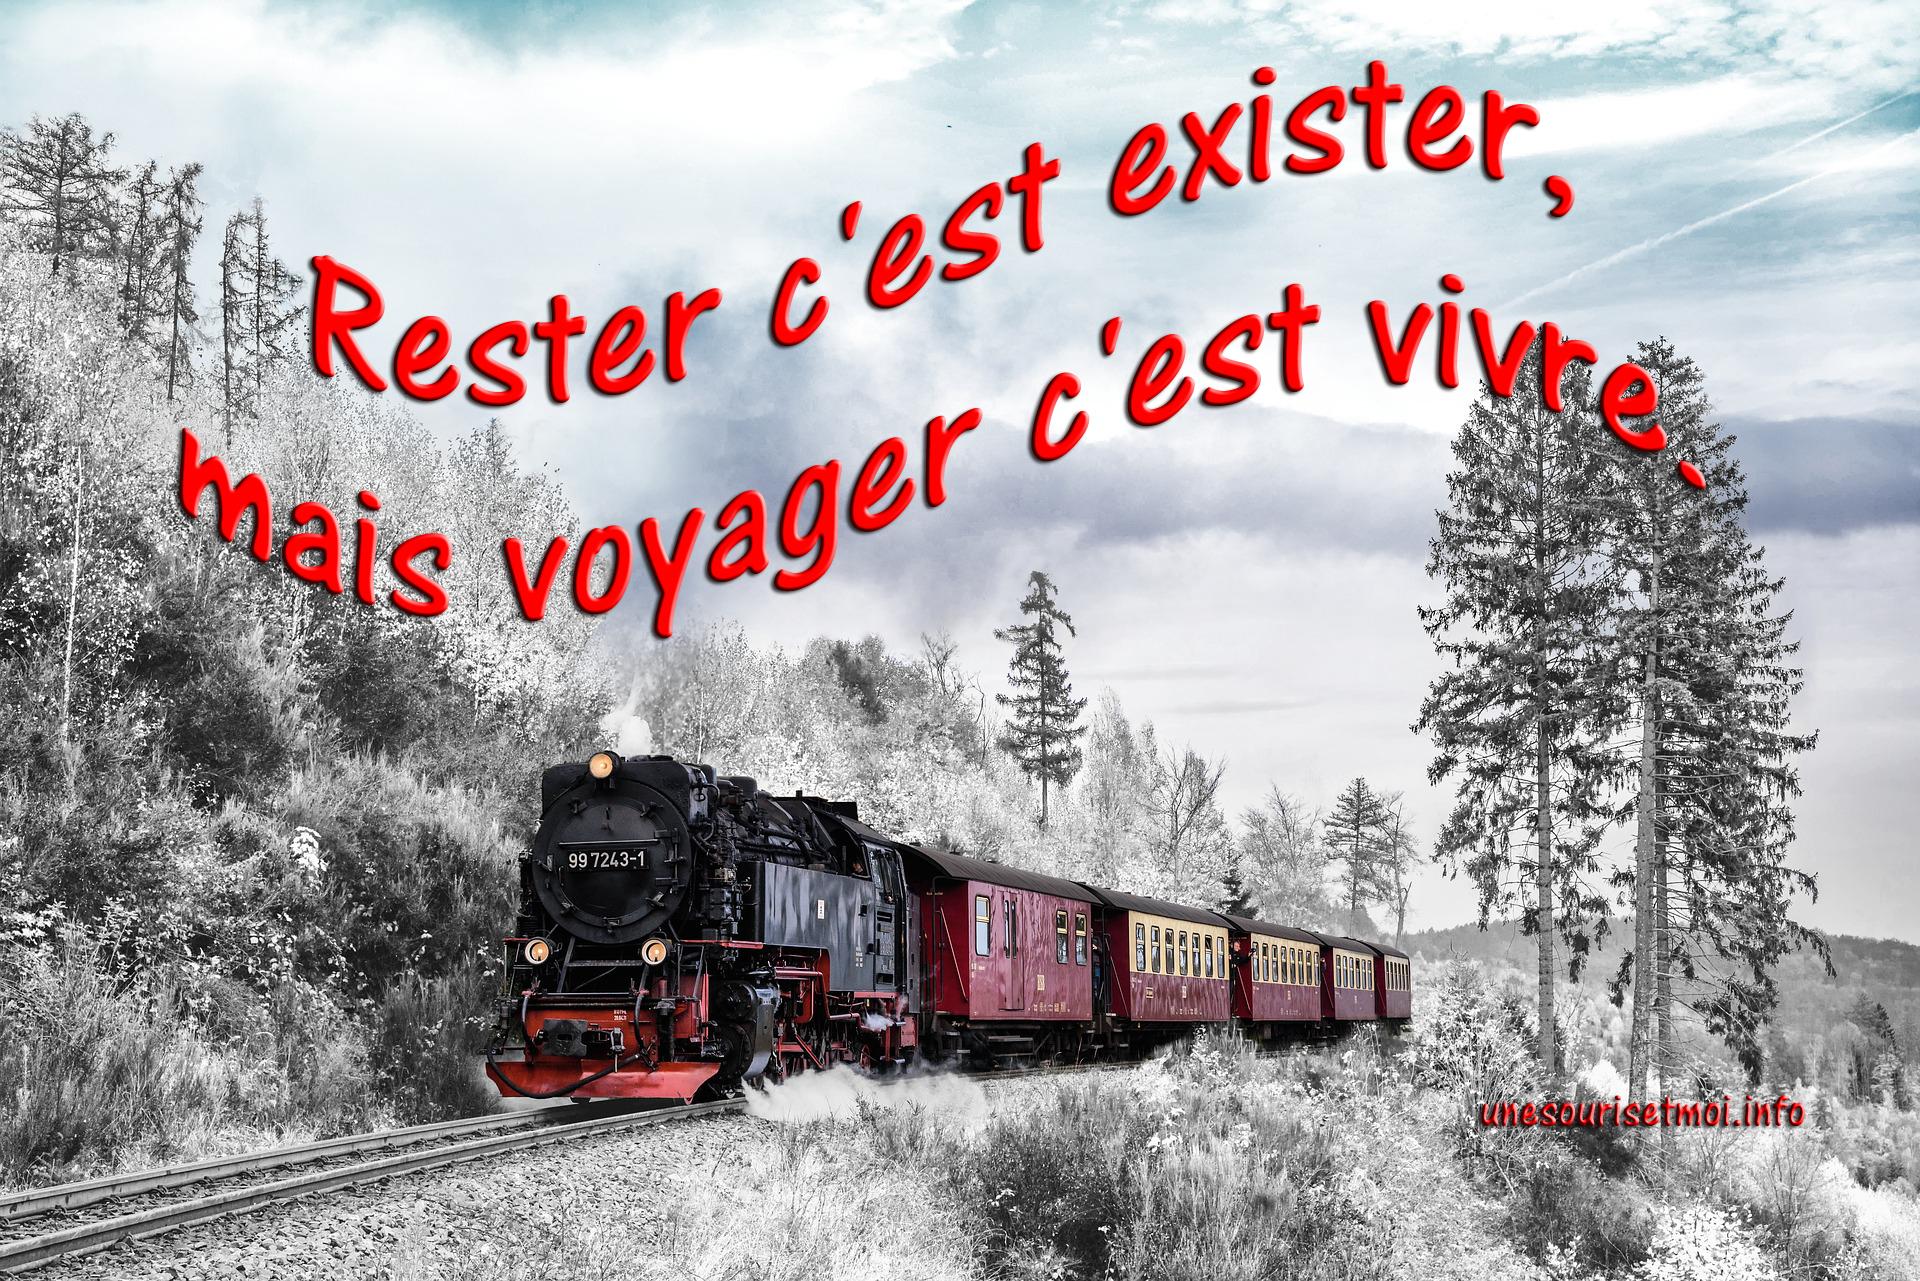 rester-exister-voyager-vivre